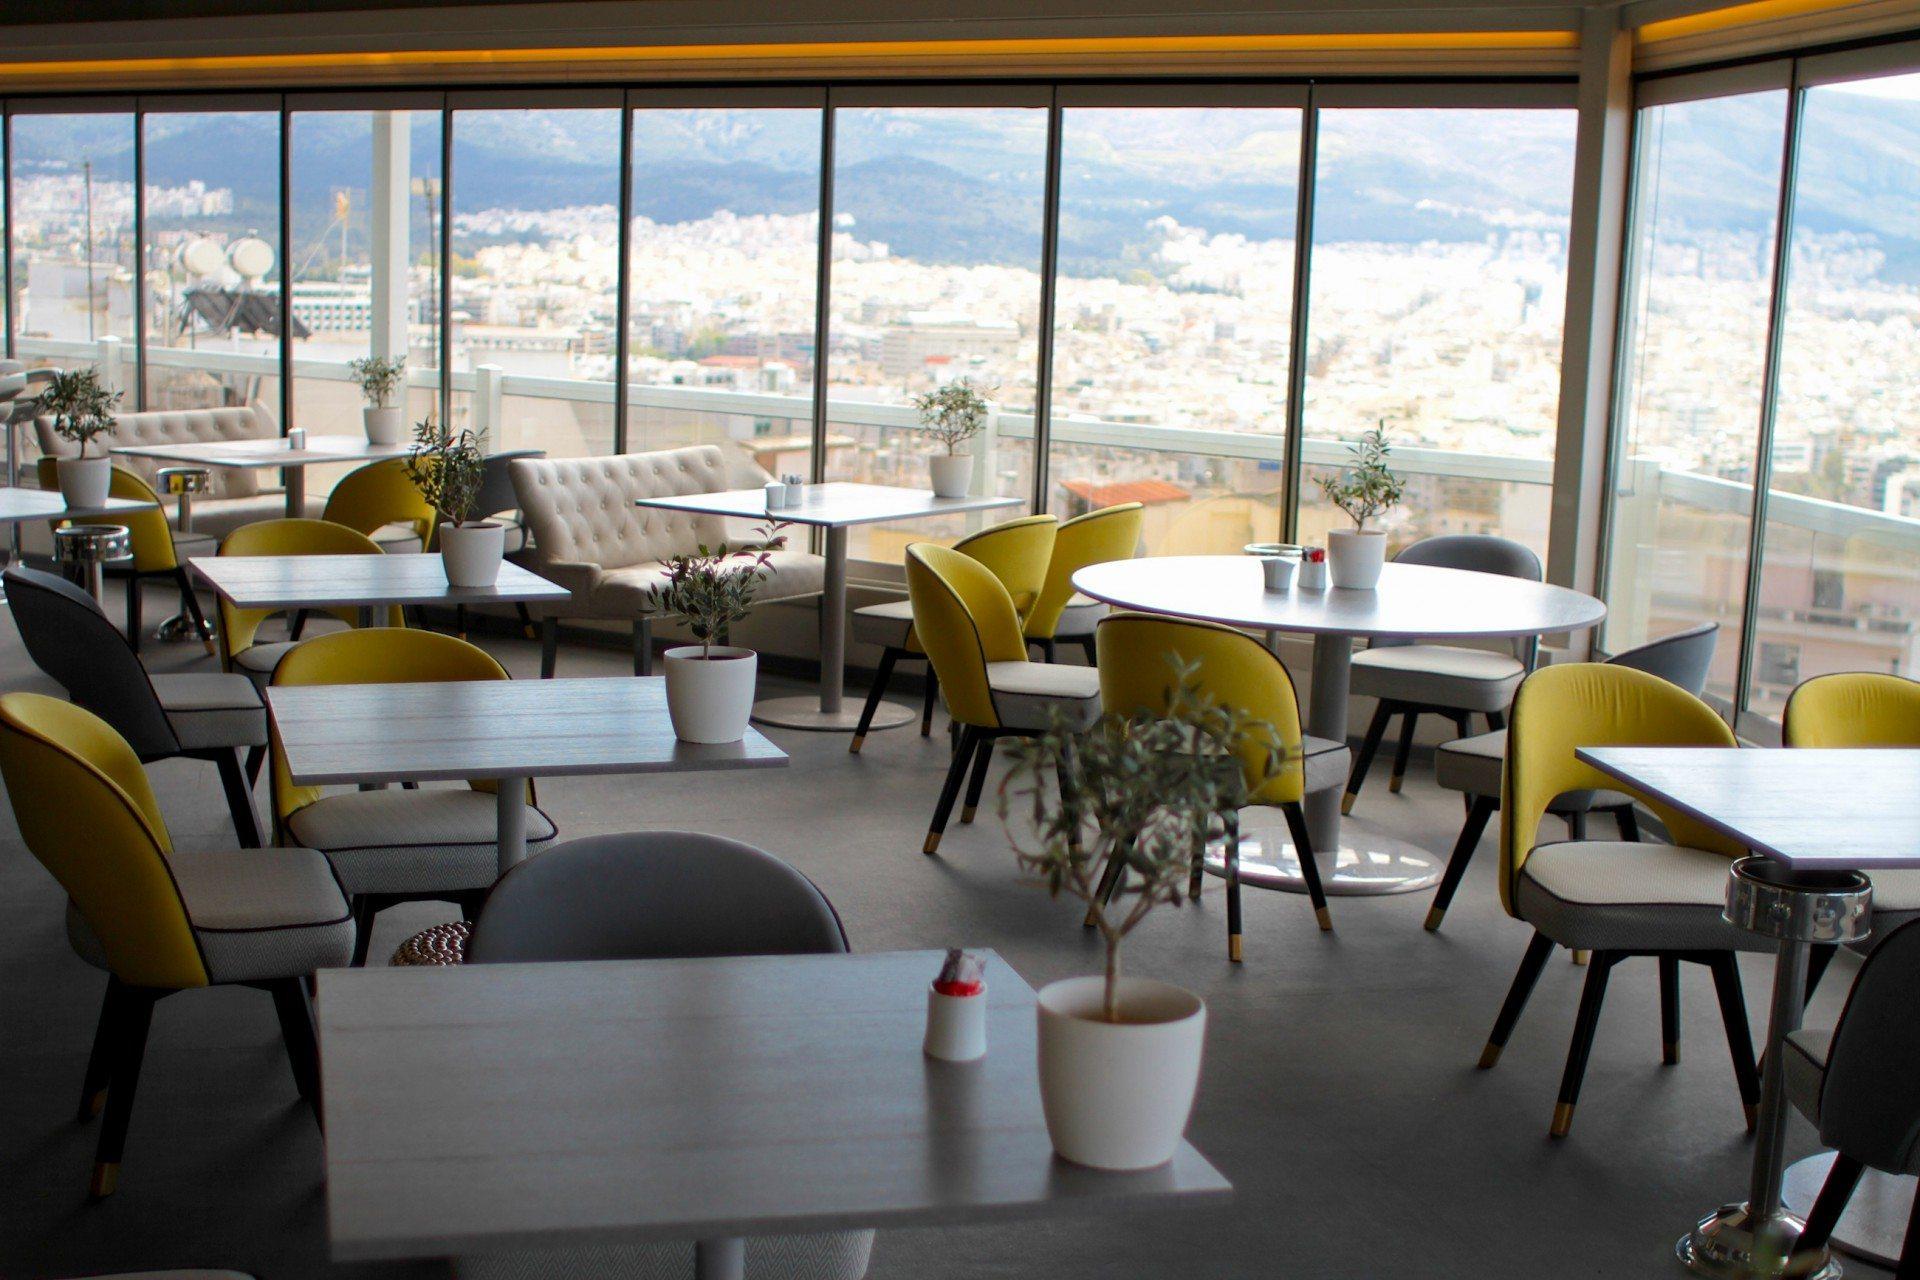 Perspektive.  Café, Restaurant und Frühstücksraum im 6. Stockwerk mit einem der besten Ausblicke auf Athen.